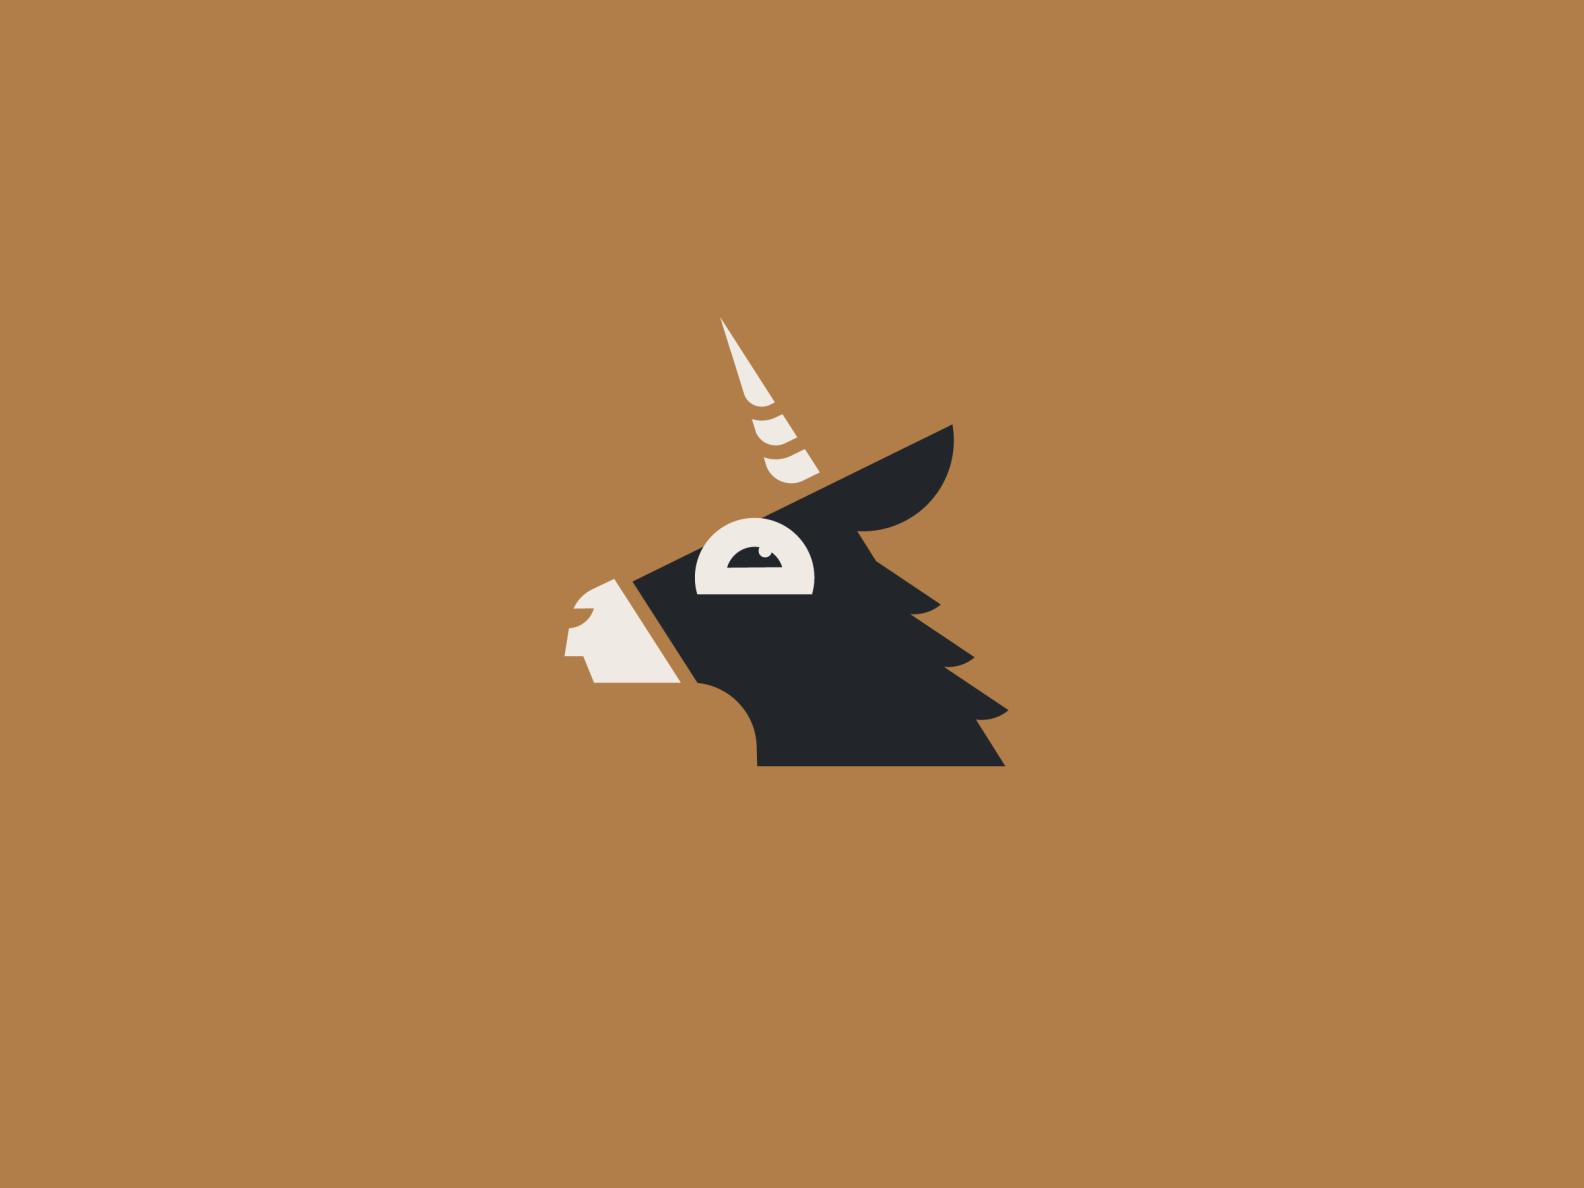 Donkeycorn